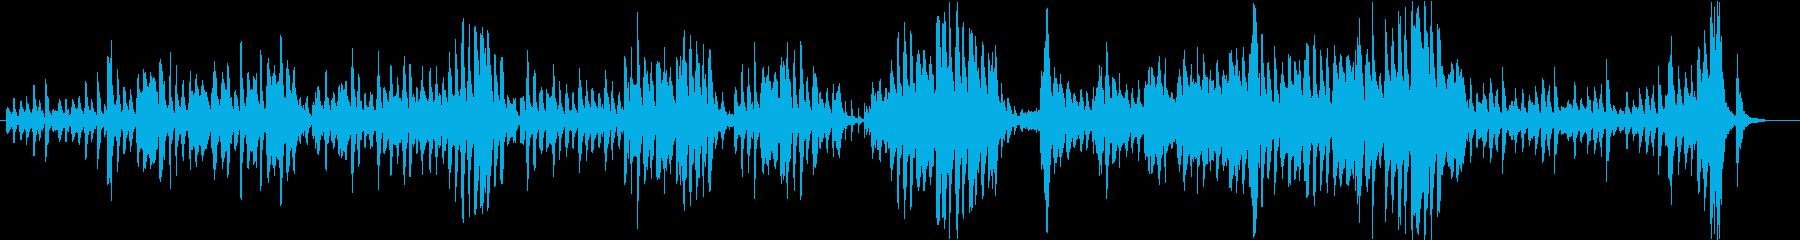 ちょっぴりコミカルなダークファンタジー曲の再生済みの波形